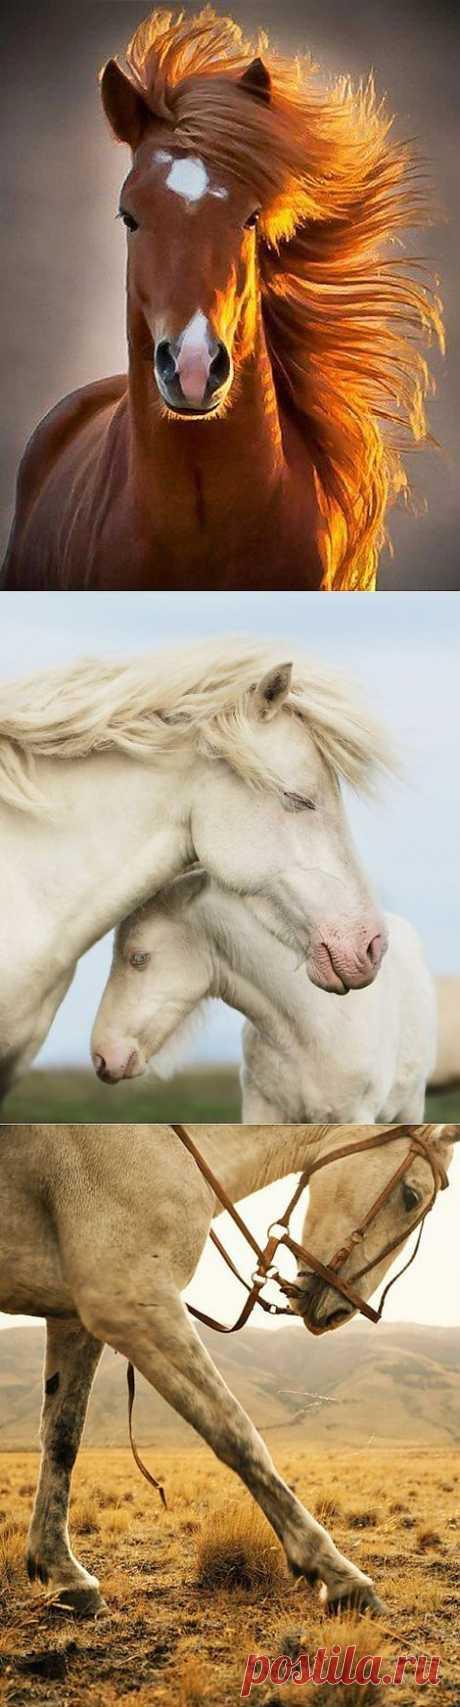 Los caballos magníficos, admirables, fantásticos y generosos